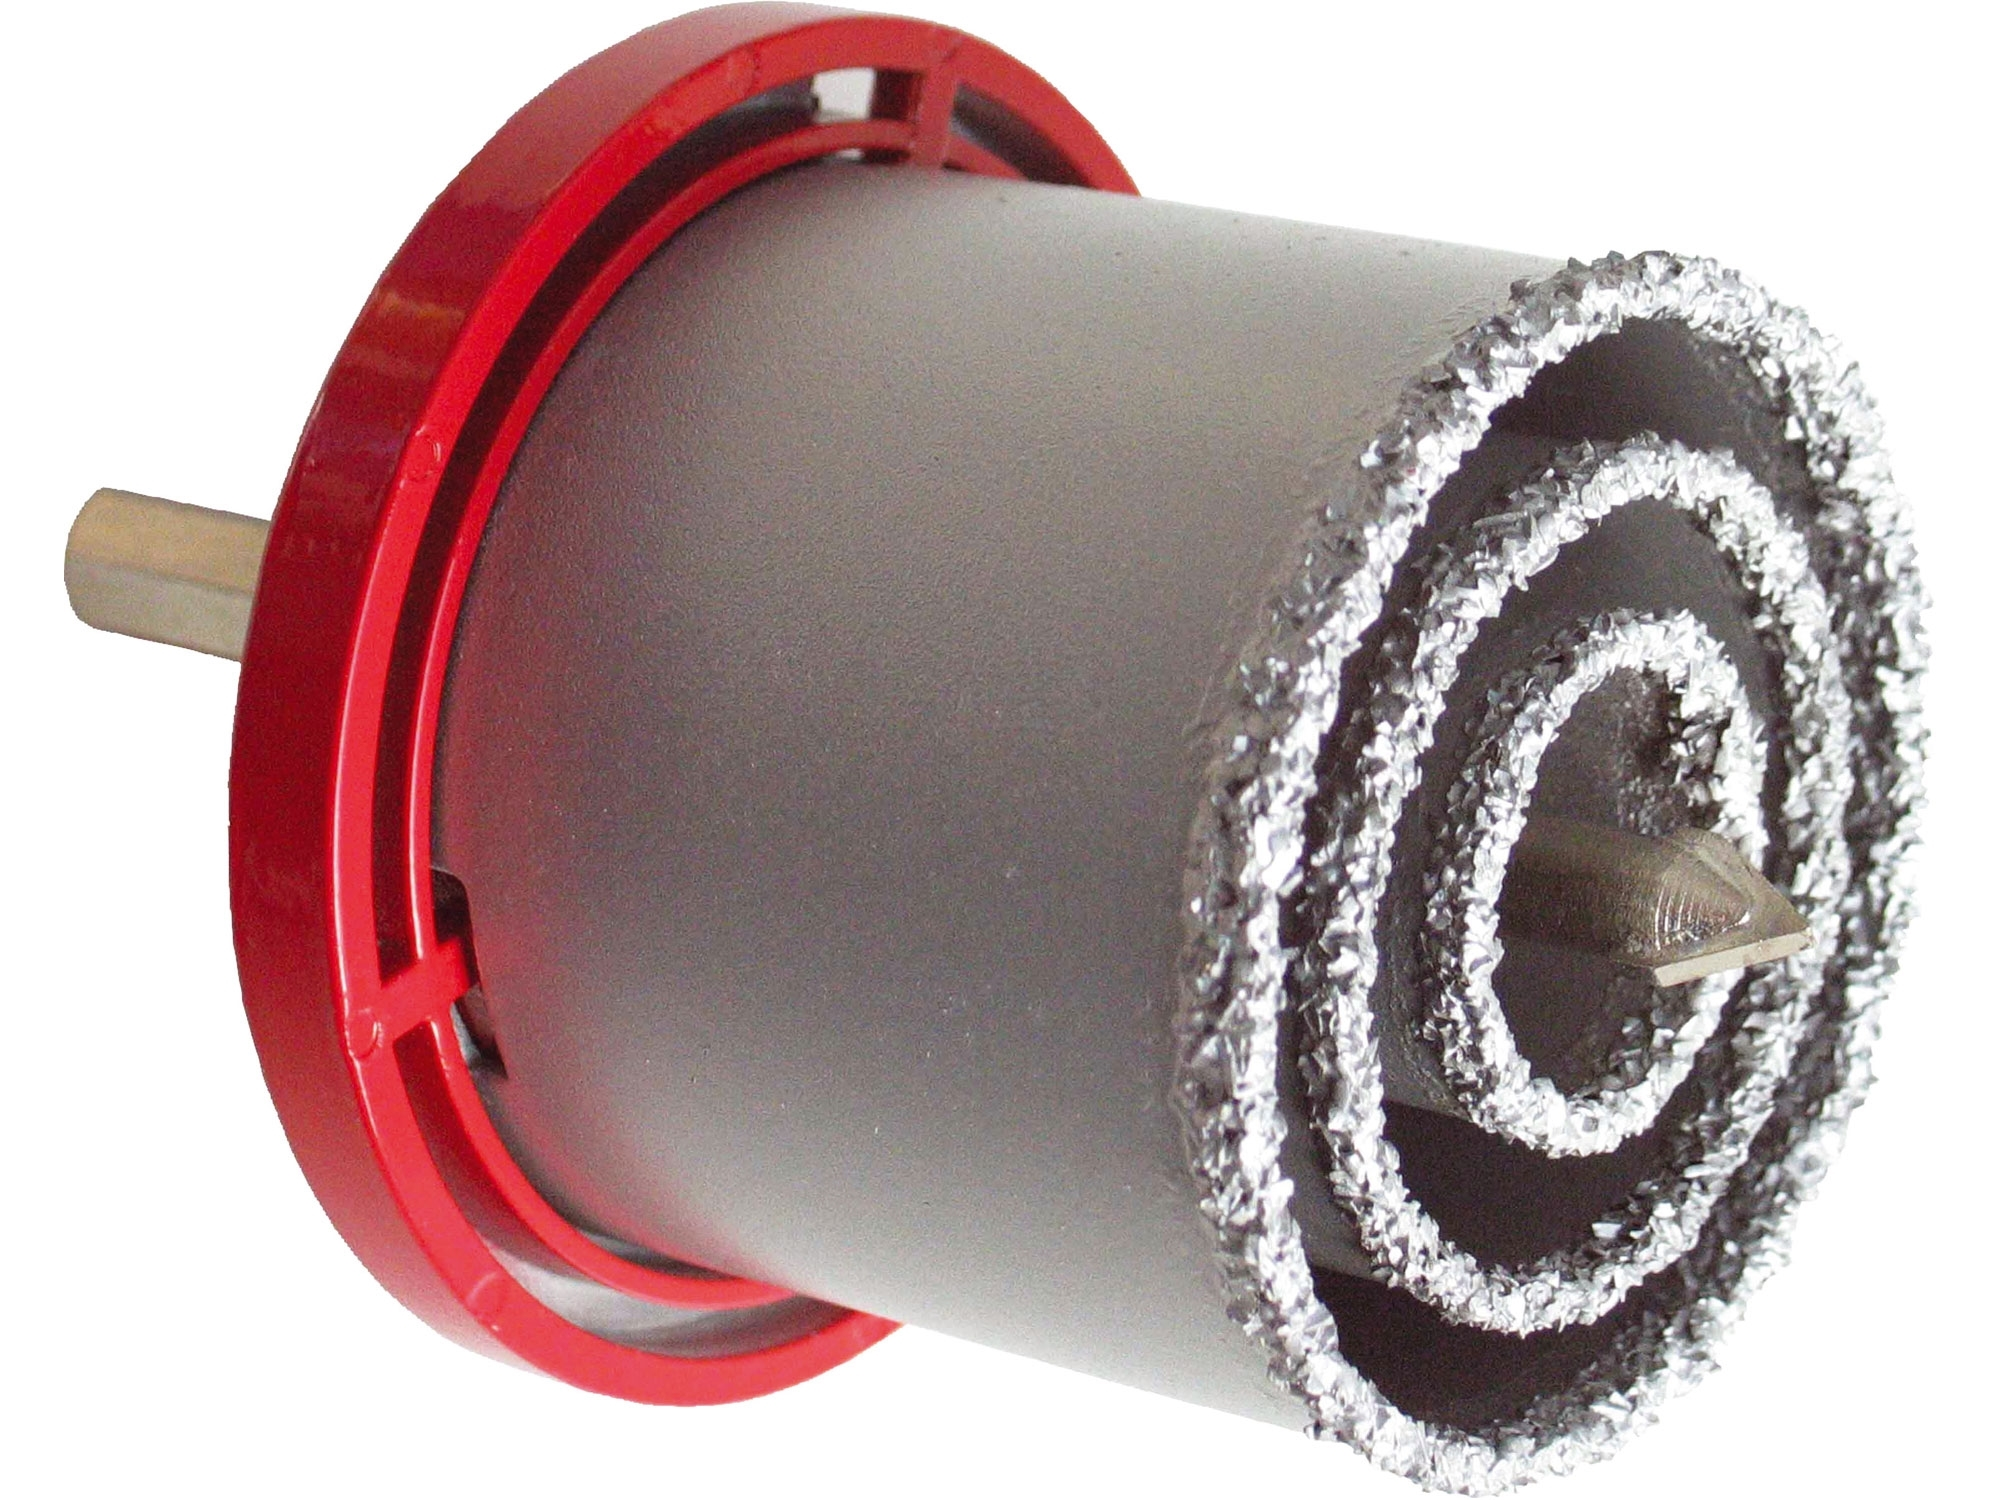 vrtáky vykružovací s karbid. ostřím, rp.33-53-73mm, EXTOL PREMIUM 19600